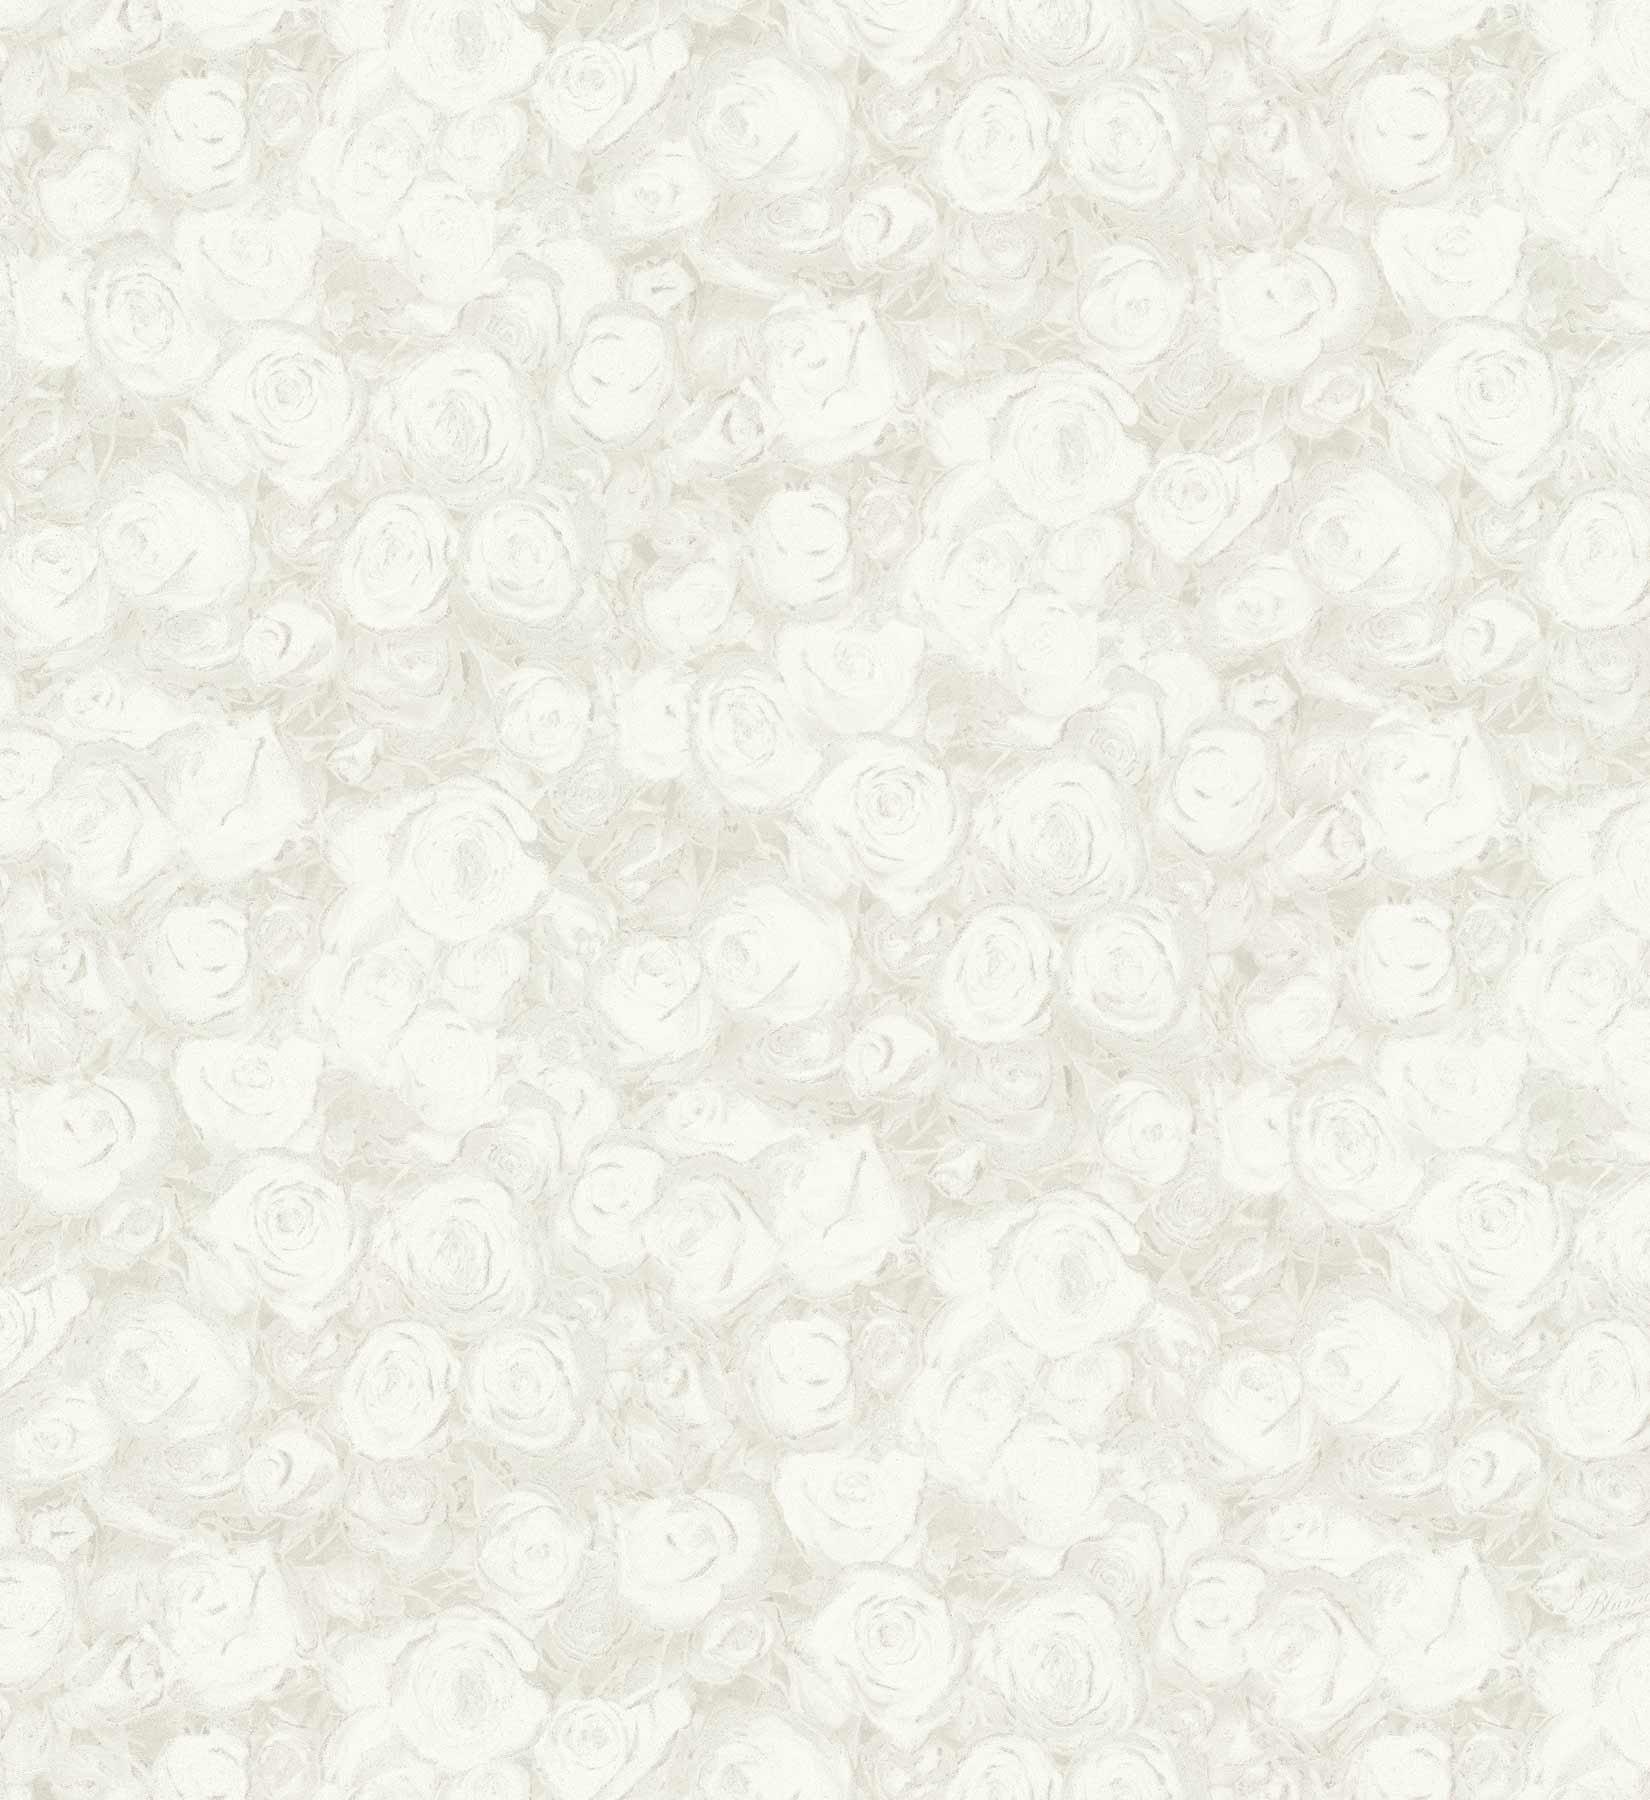 Abbracciate i nuovi dettami del design e dell'arredamento moderno, il suo stile minimalista che esplode in dettagli ricercati, e il suo approccio funzionale che però non rinuncia mai all'eleganza. 35 Carta Da Parati Blumarine 2020